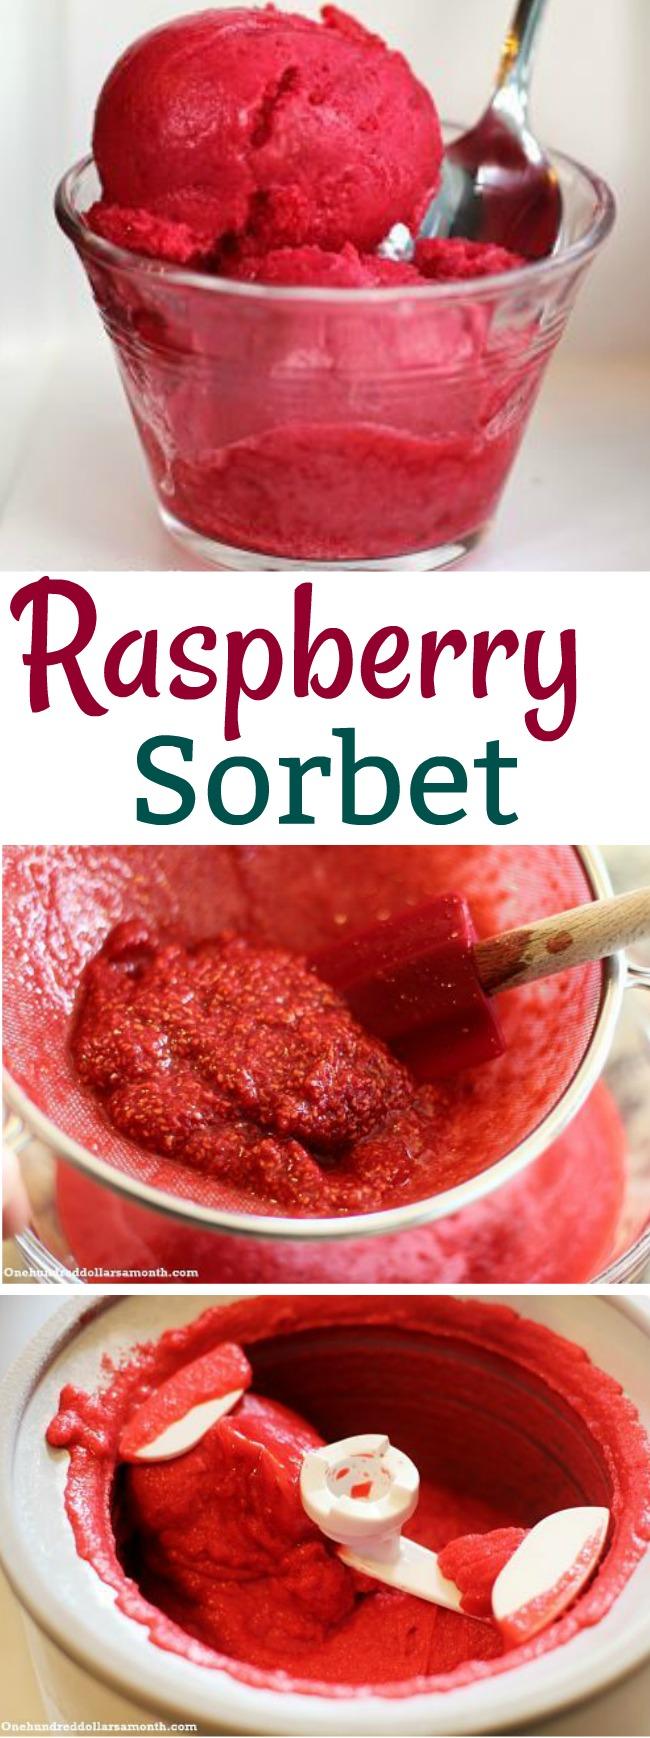 Recipe – How to Make Raspberry Sorbet